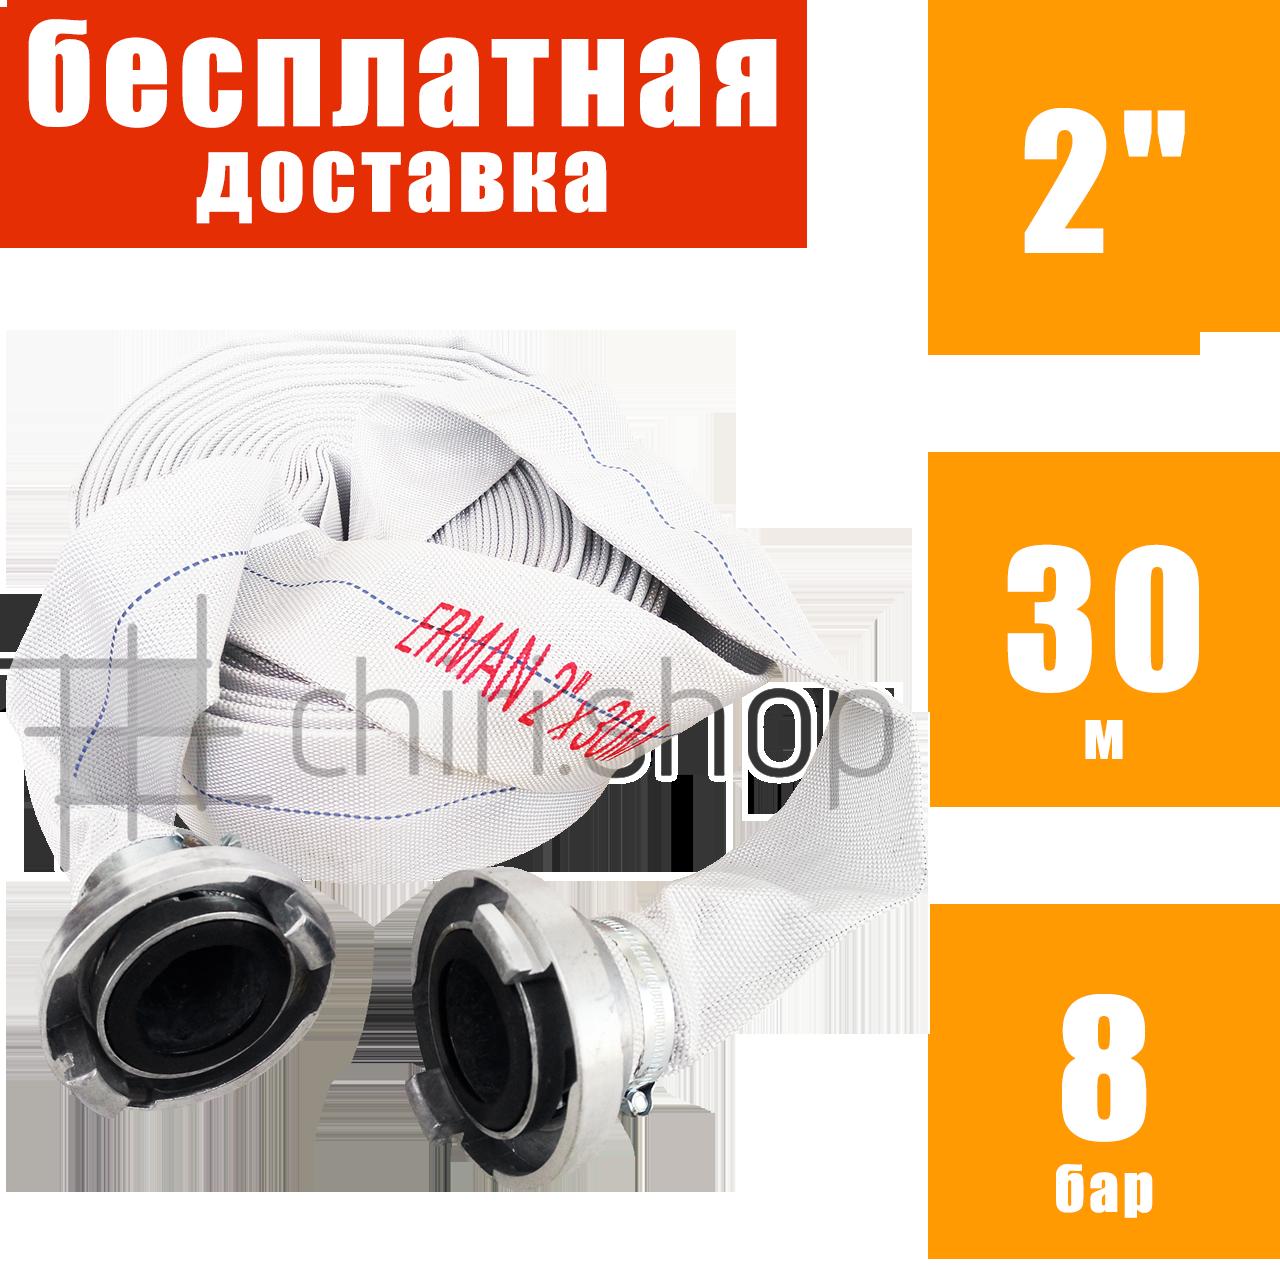 Рукав пожарный с гайками 30 м, ГР-50 (51 мм), 8 бар, шланг для фекально-дренажного насоса